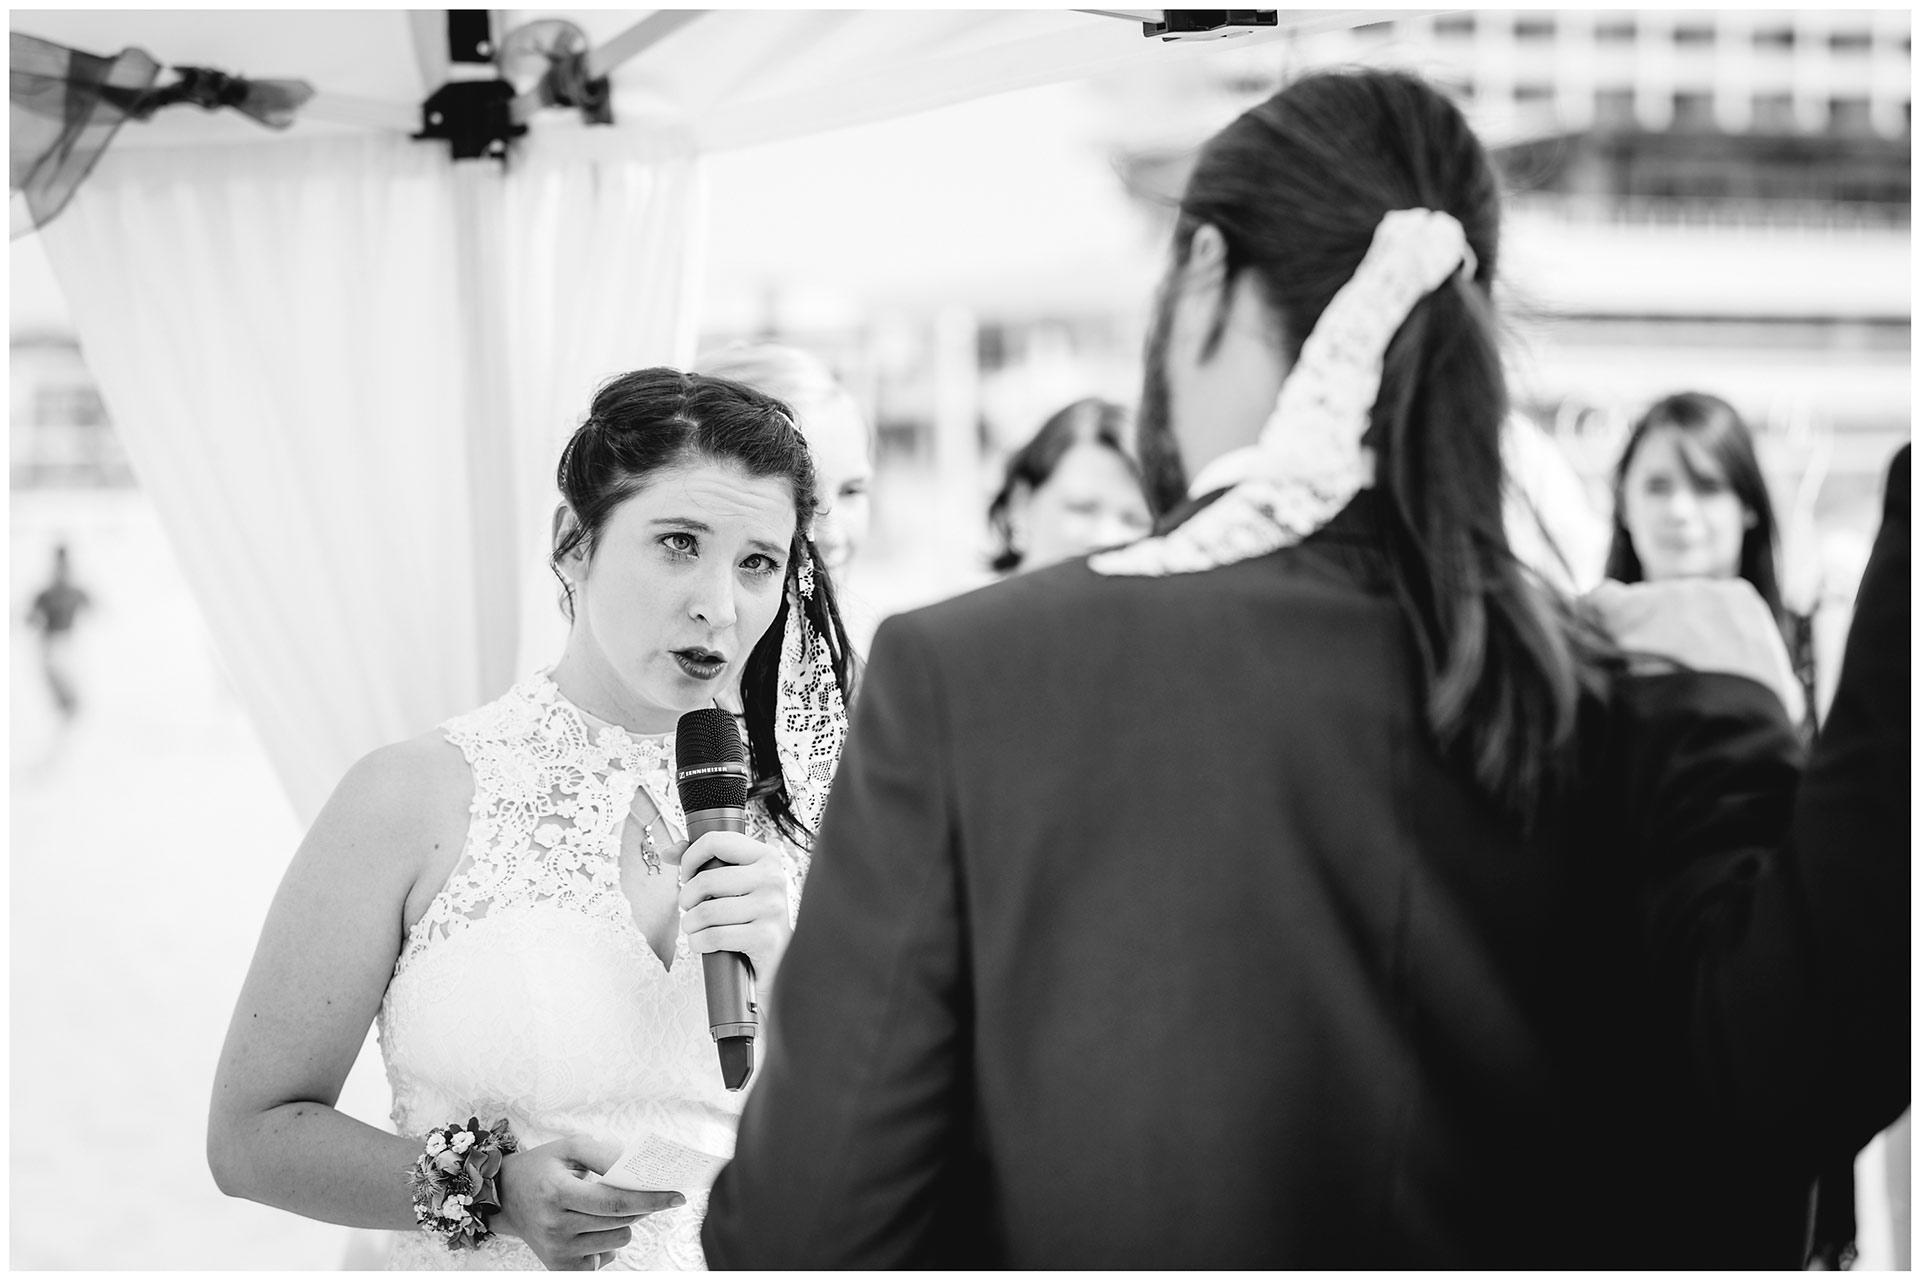 Braut-liest-ihrem-Mann-das-Eheversprechen-vor-Hochzeit-am-Strand-Hochzeitsfotograf-Warnemuende-Hochzeitsfotograf-Rostock-Hochzeitsfotograf-Ostseebad-Warnemuende